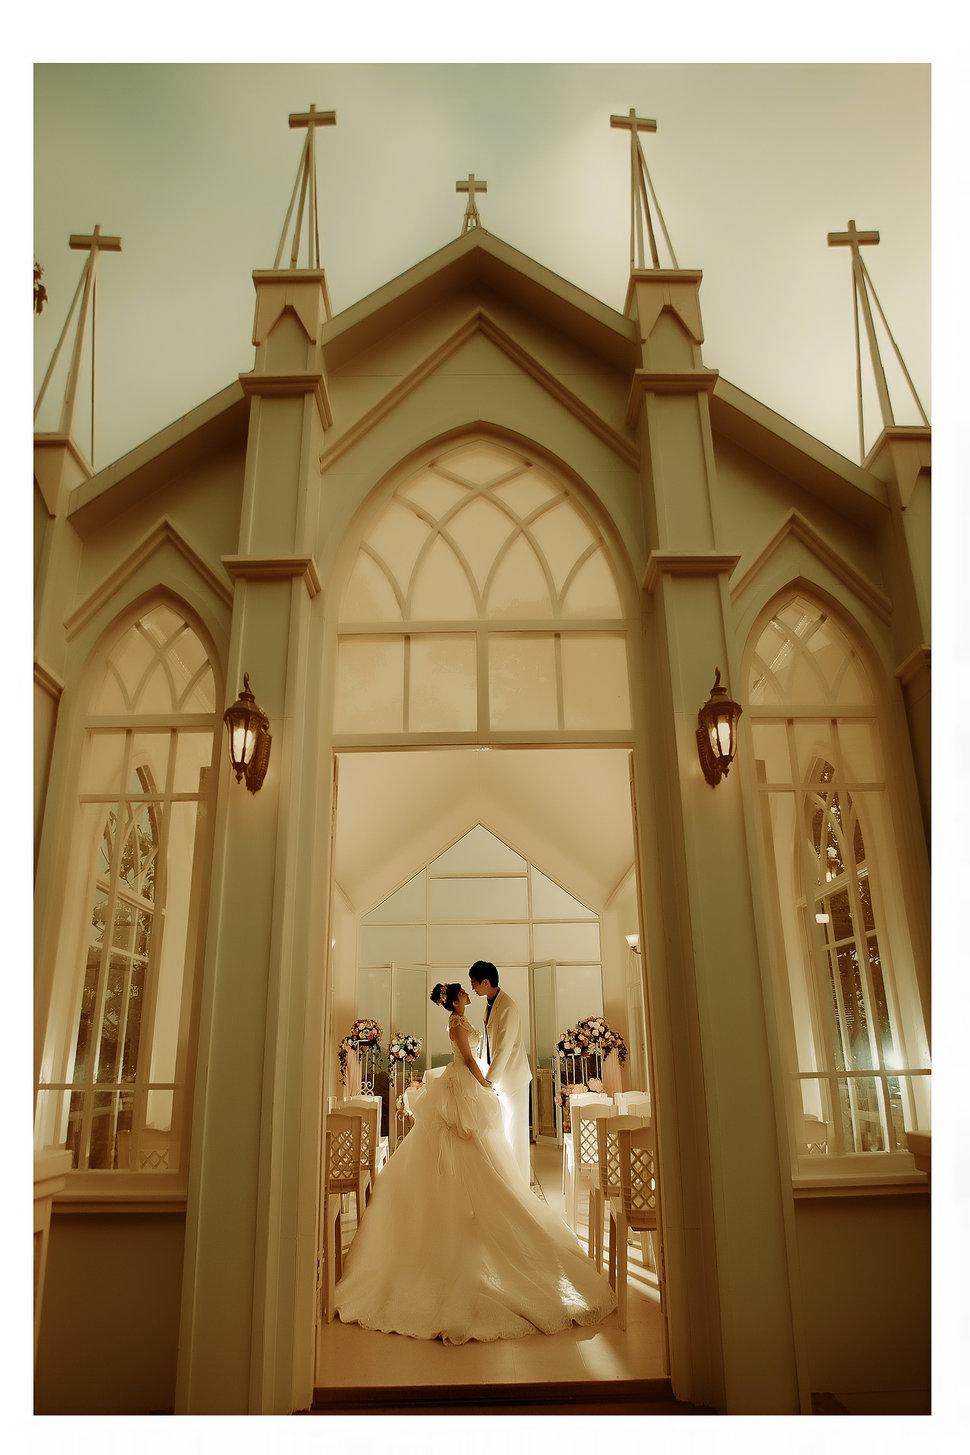 0-181 - 台中2號出口婚紗攝影工作室 - 結婚吧